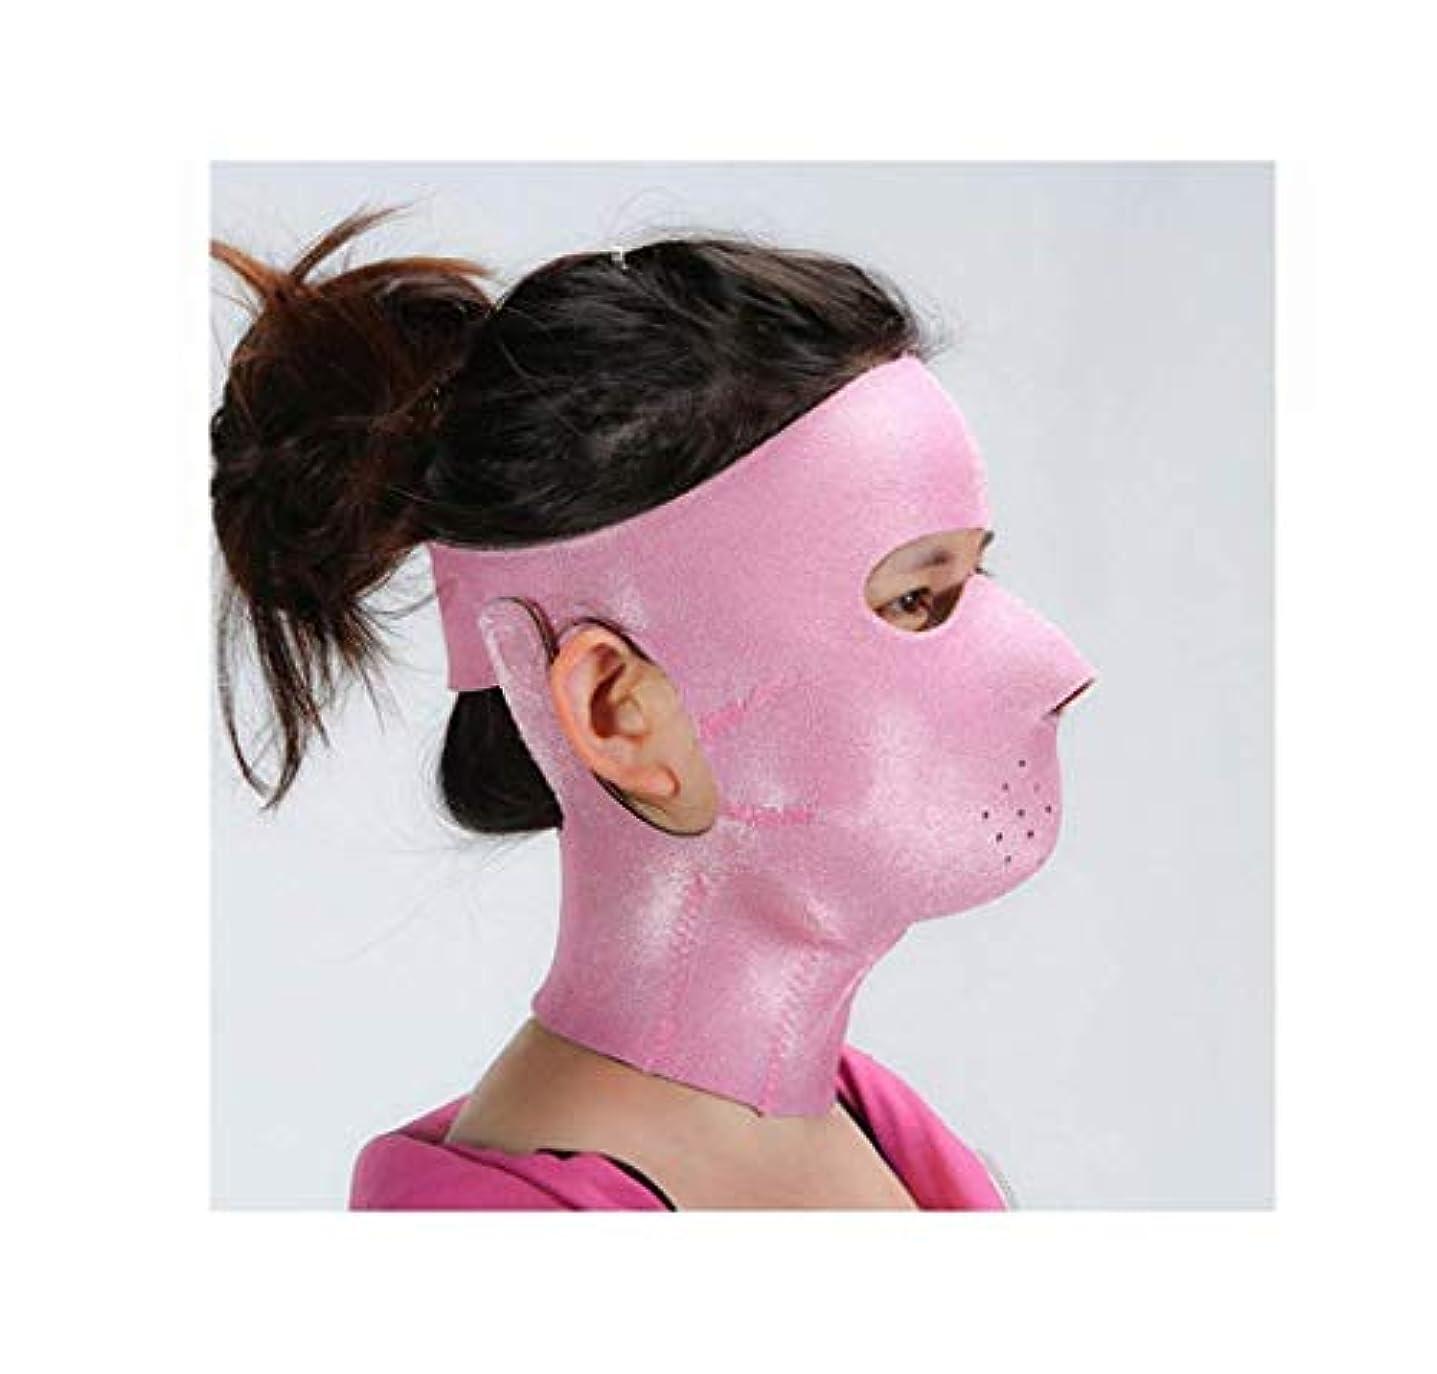 決めますカウンタ受粉するフェイスリフトマスク、フェイシャルマスクプラス薄いフェイスマスクタイトなたるみの薄いフェイスマスクフェイシャル薄いフェイスマスクアーティファクトビューティーネックストラップ付き